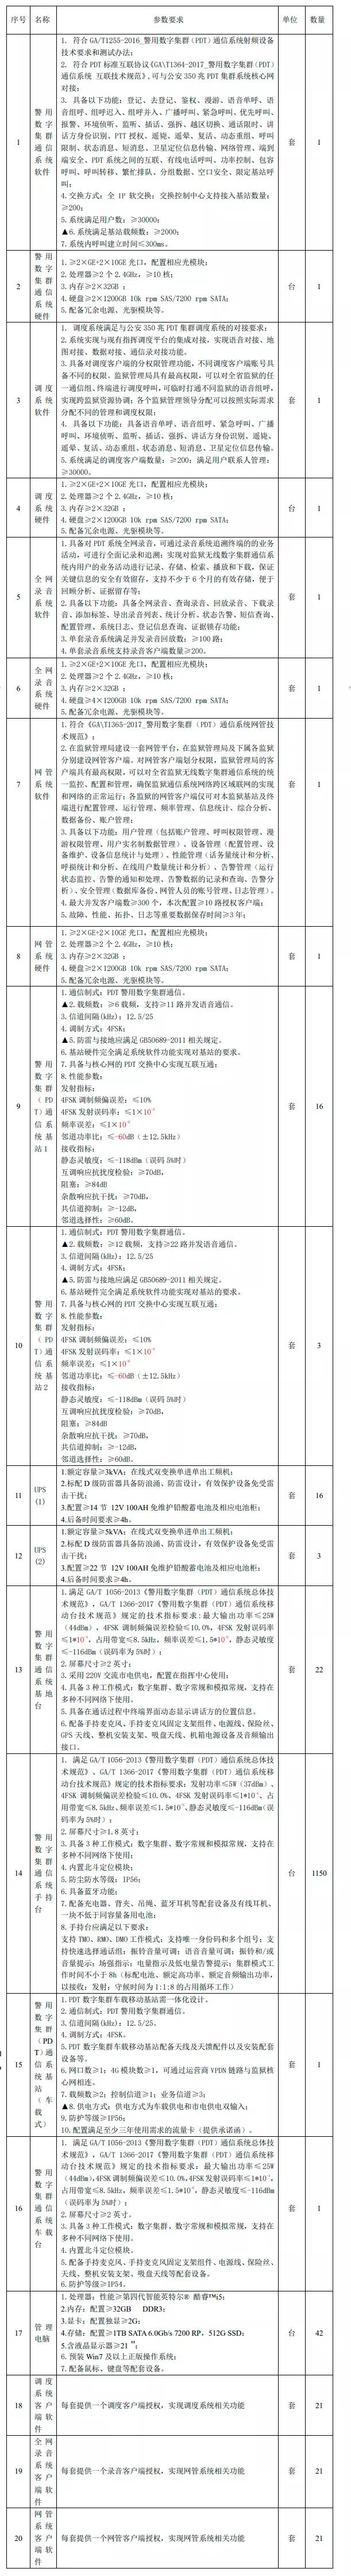 大项目 | 四川省监狱管理局2574万数字集群对讲设备项目